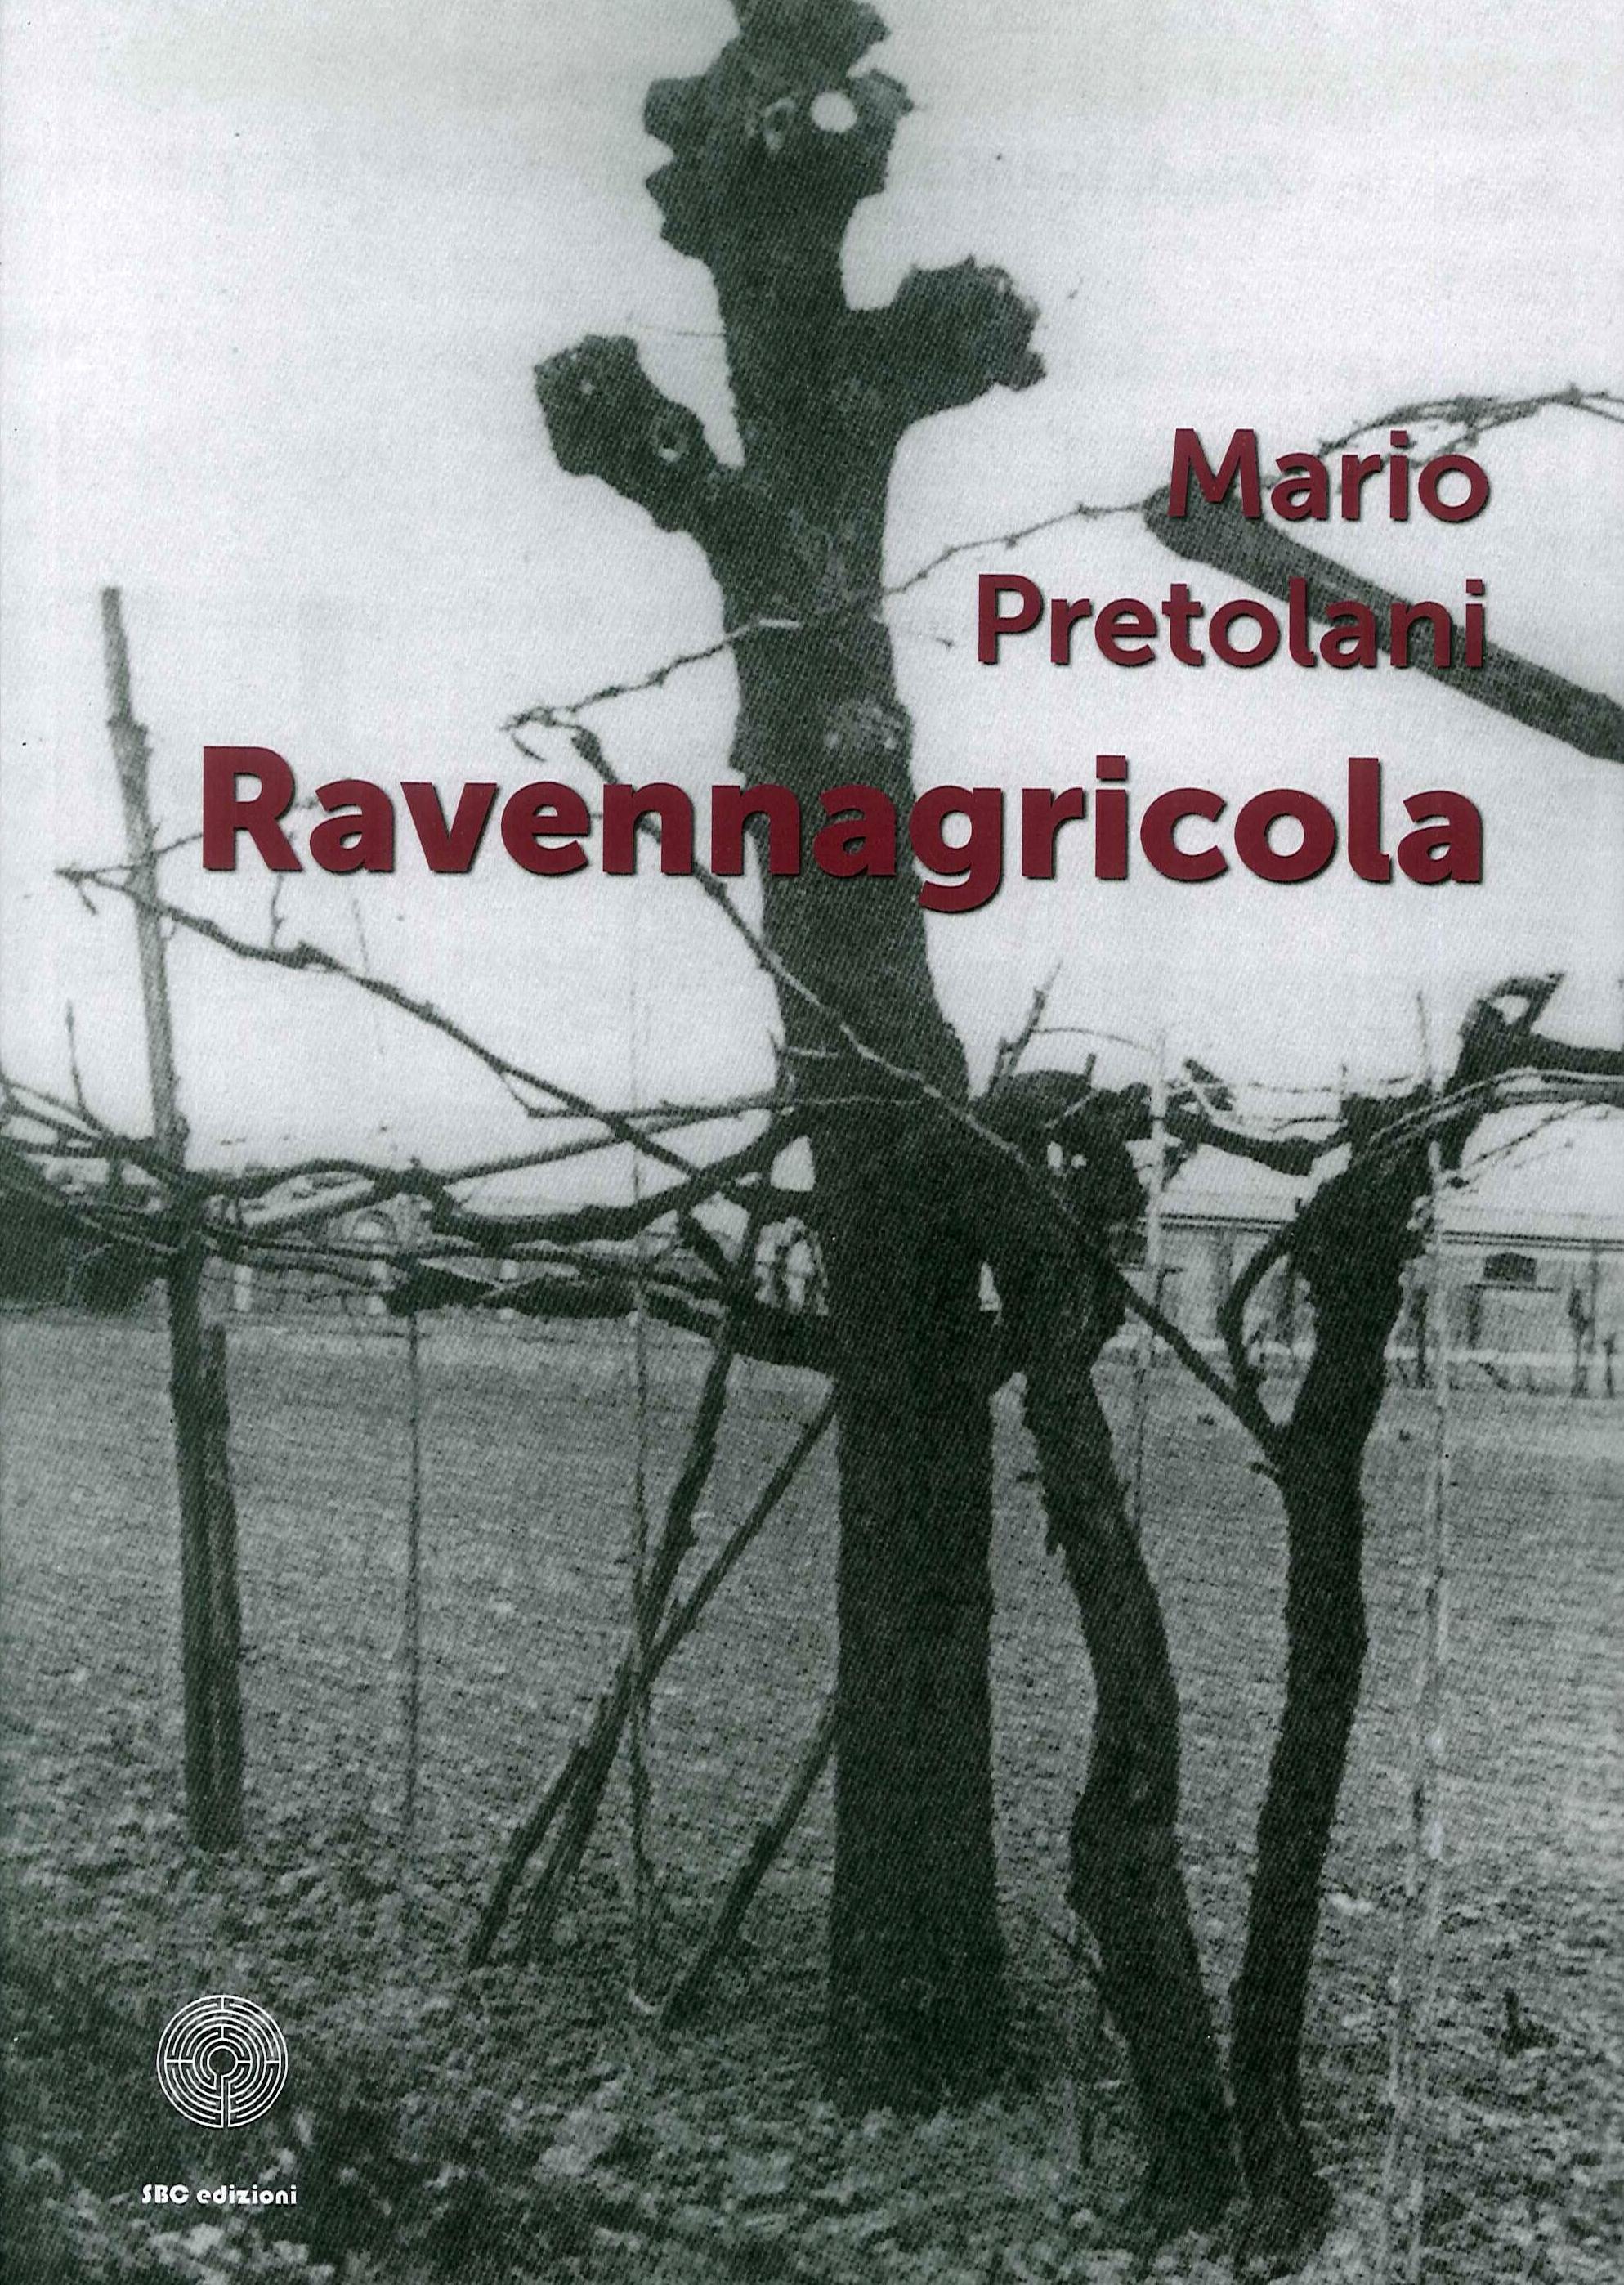 Ravennagricola